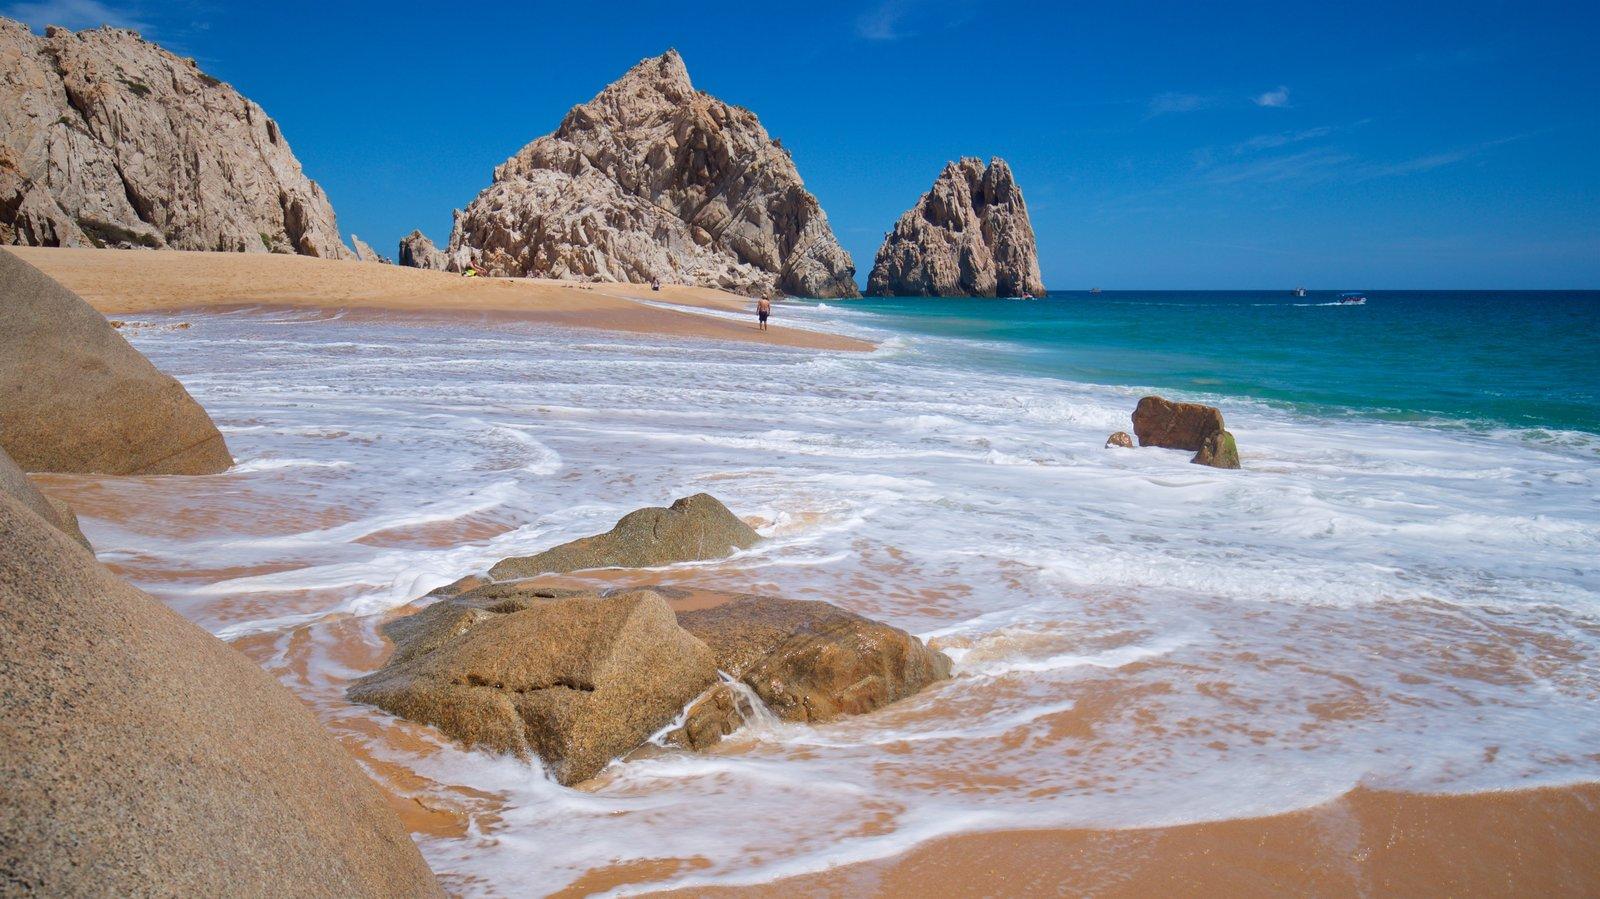 Playa Divorce ofreciendo una playa de arena, costa escarpada y vistas generales de la costa